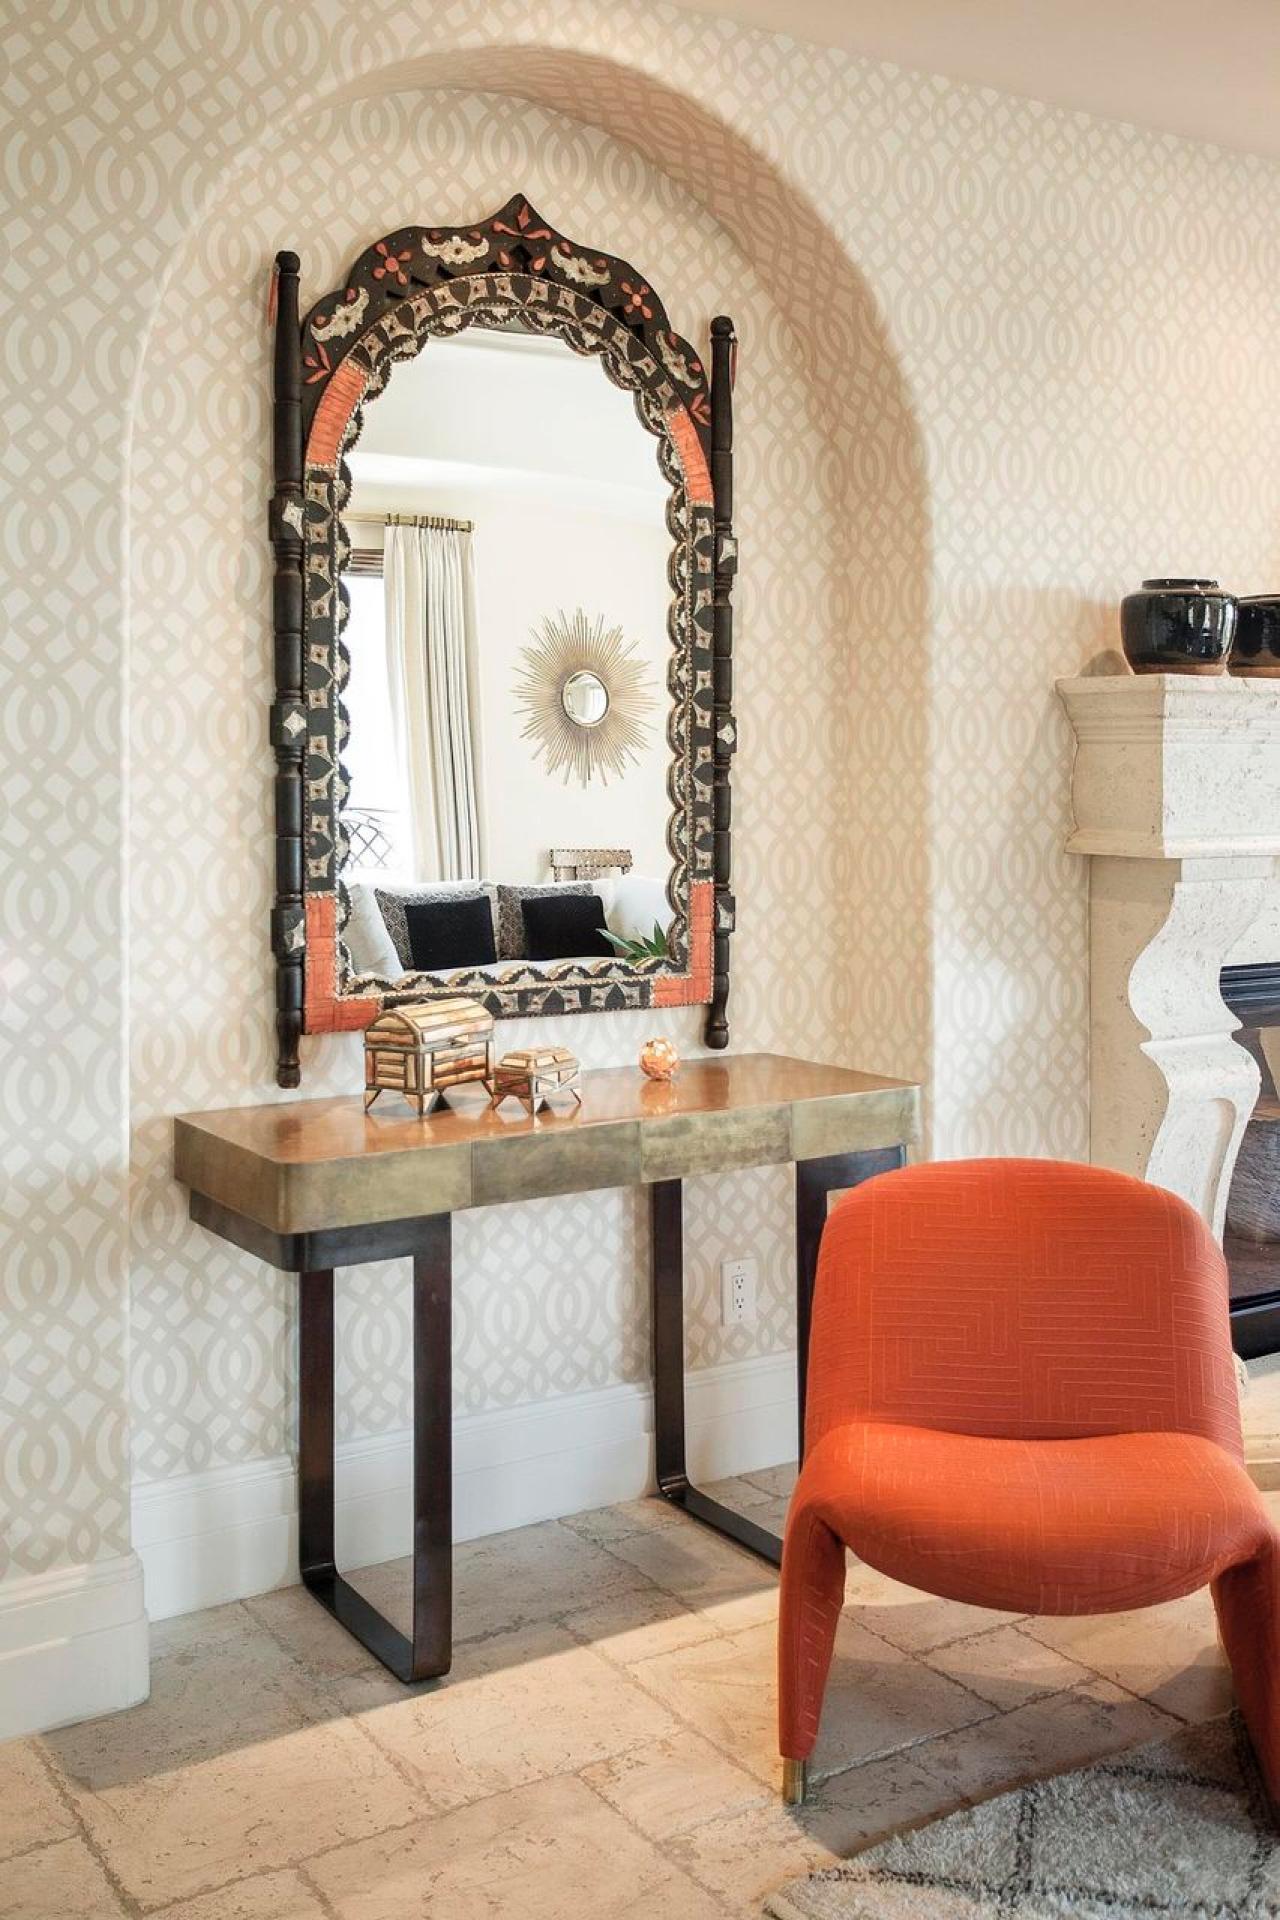 Specchio Bagno Incassato Nelle Piastrelle.Come Arredare Un Bagno In Stile Etnico Ideagroup Blog